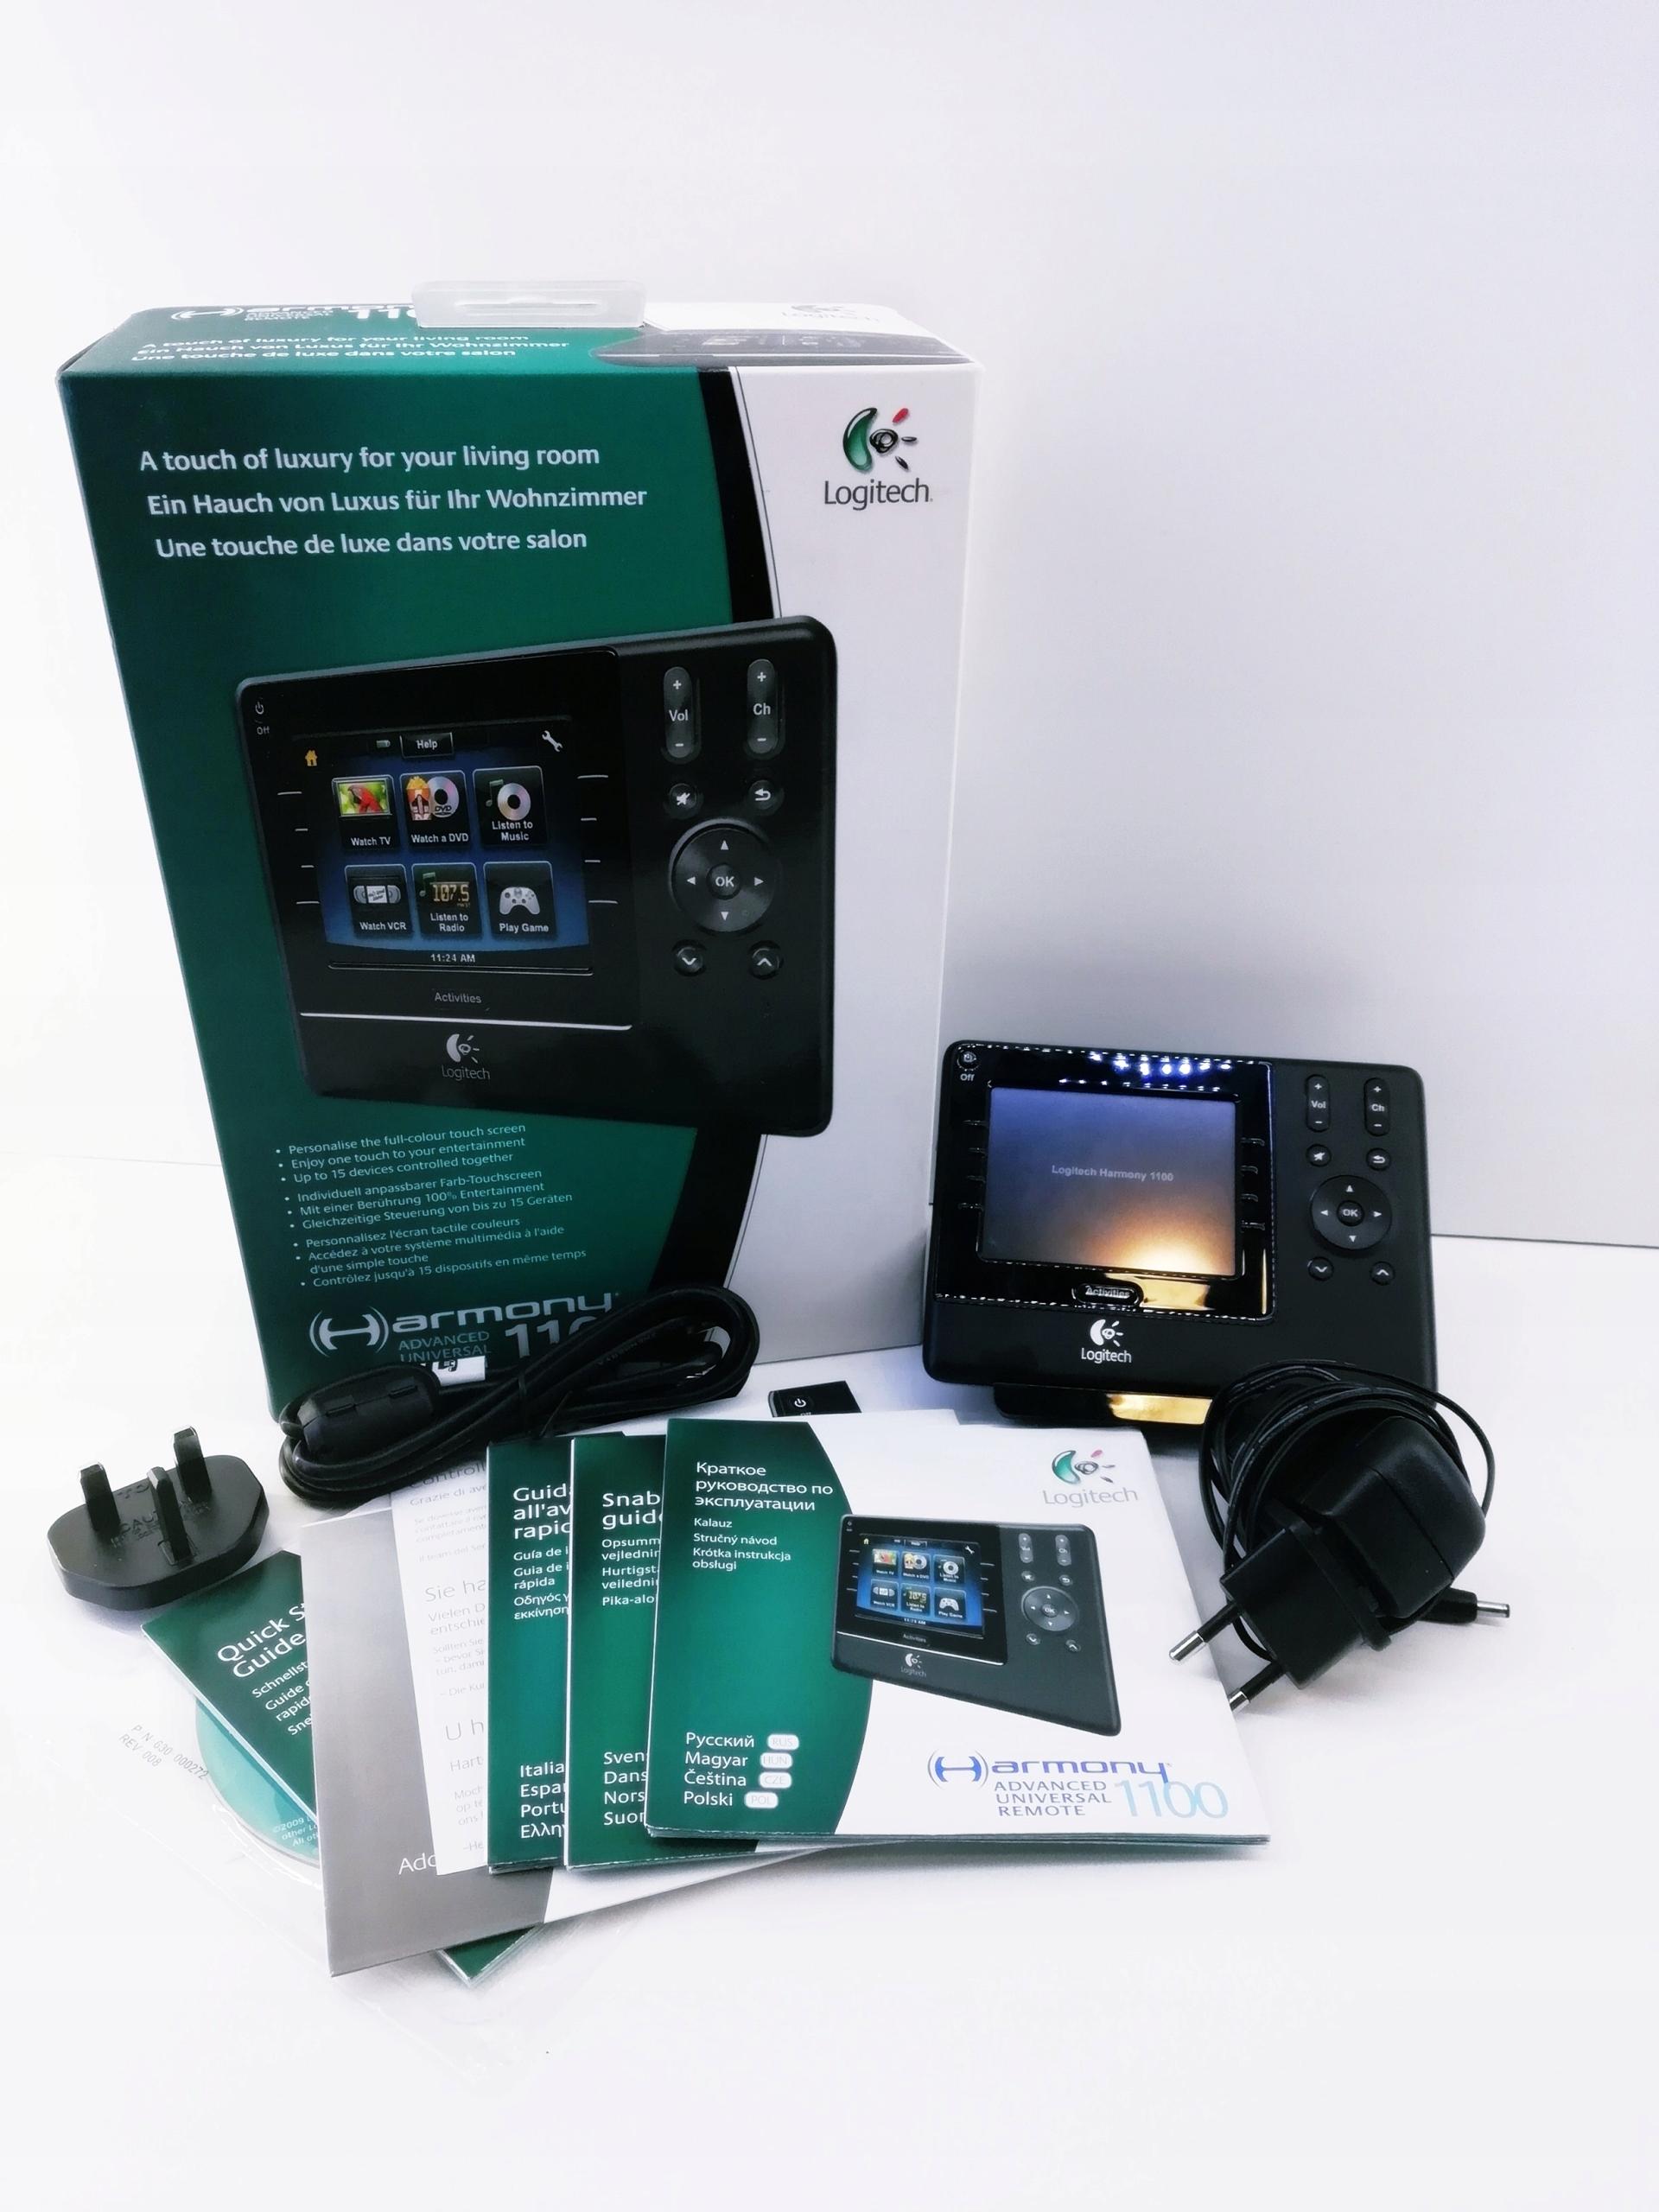 Pilot uniwersalny LOGITECH 1100 HARMONY LCD TV RTV